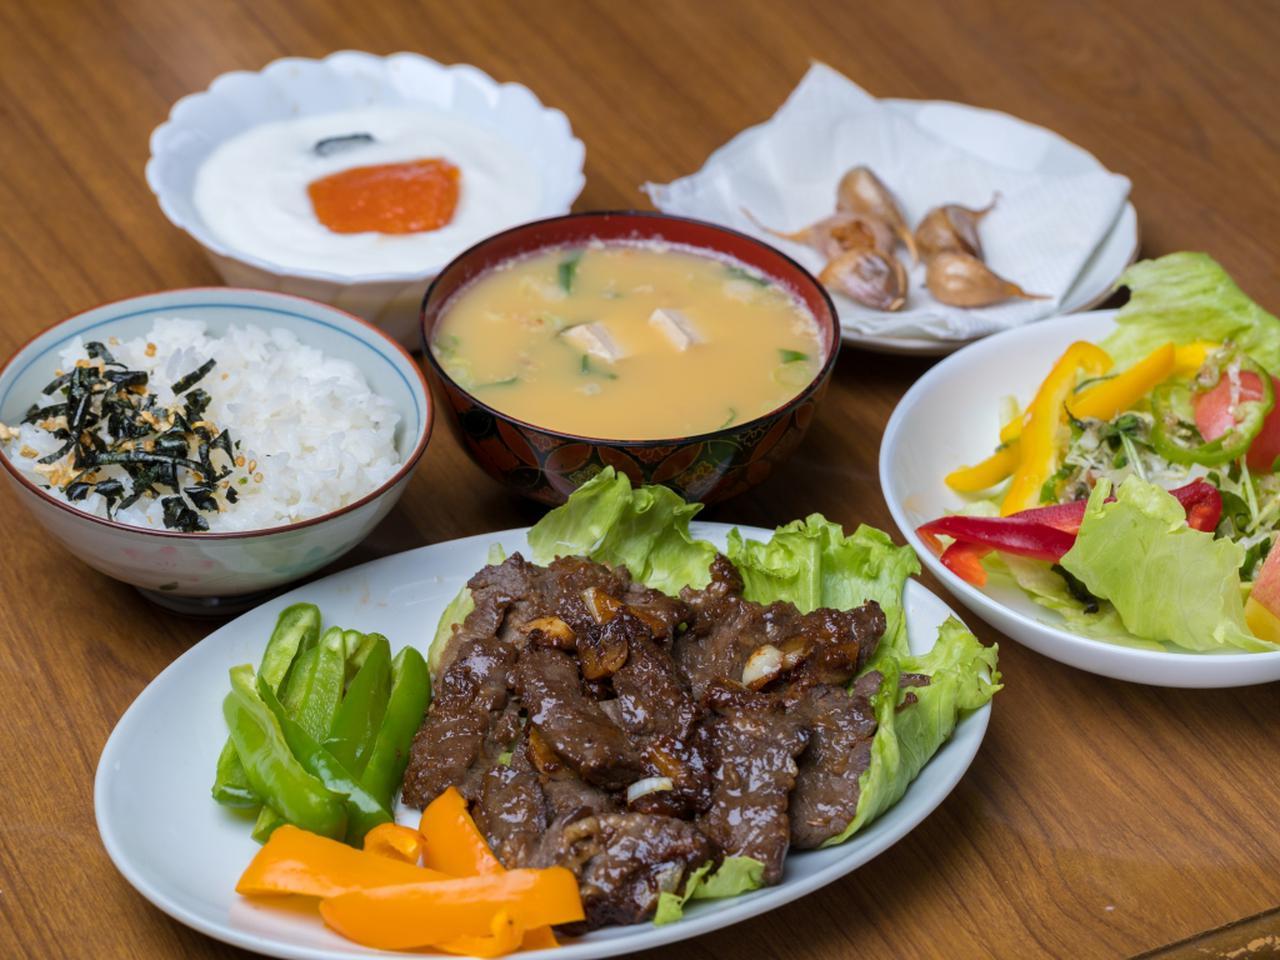 画像: 【肉メイン】牛肉のにんにく醤油焼き、ご飯、味噌汁、サラダ、にんにくの素揚げ、フルーツヨーグルト